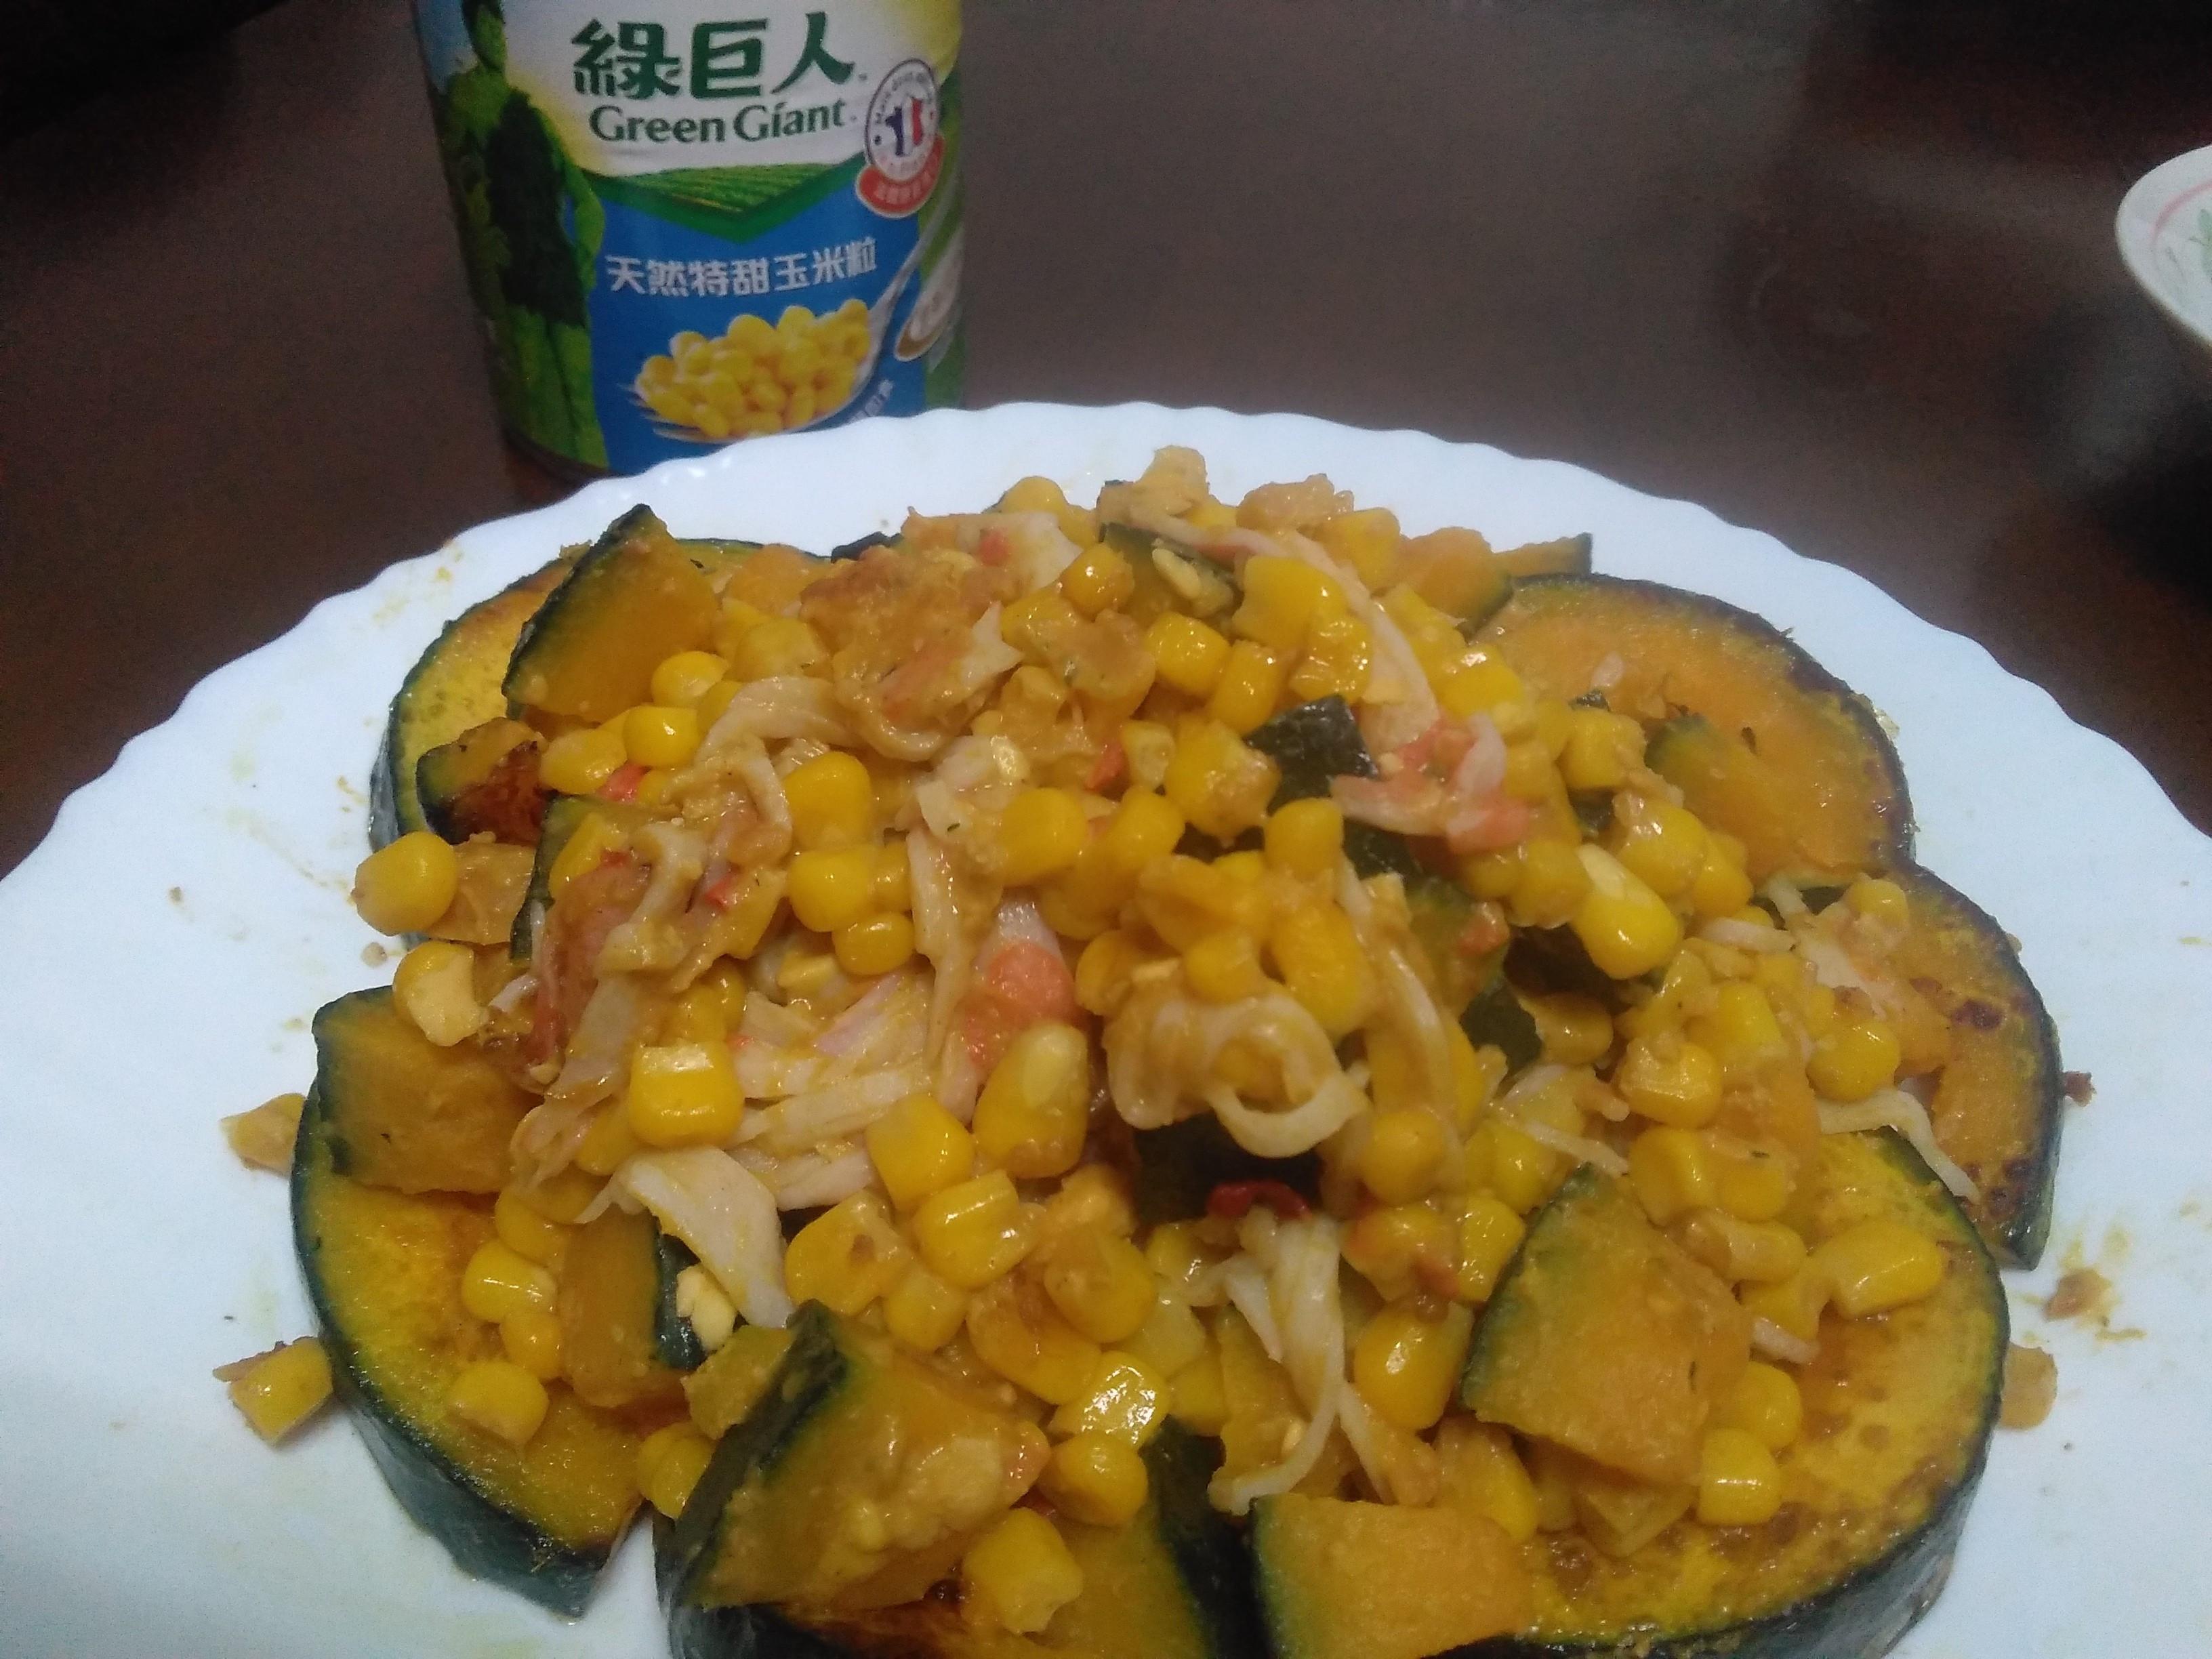 金瓜玉米(金玉滿堂)